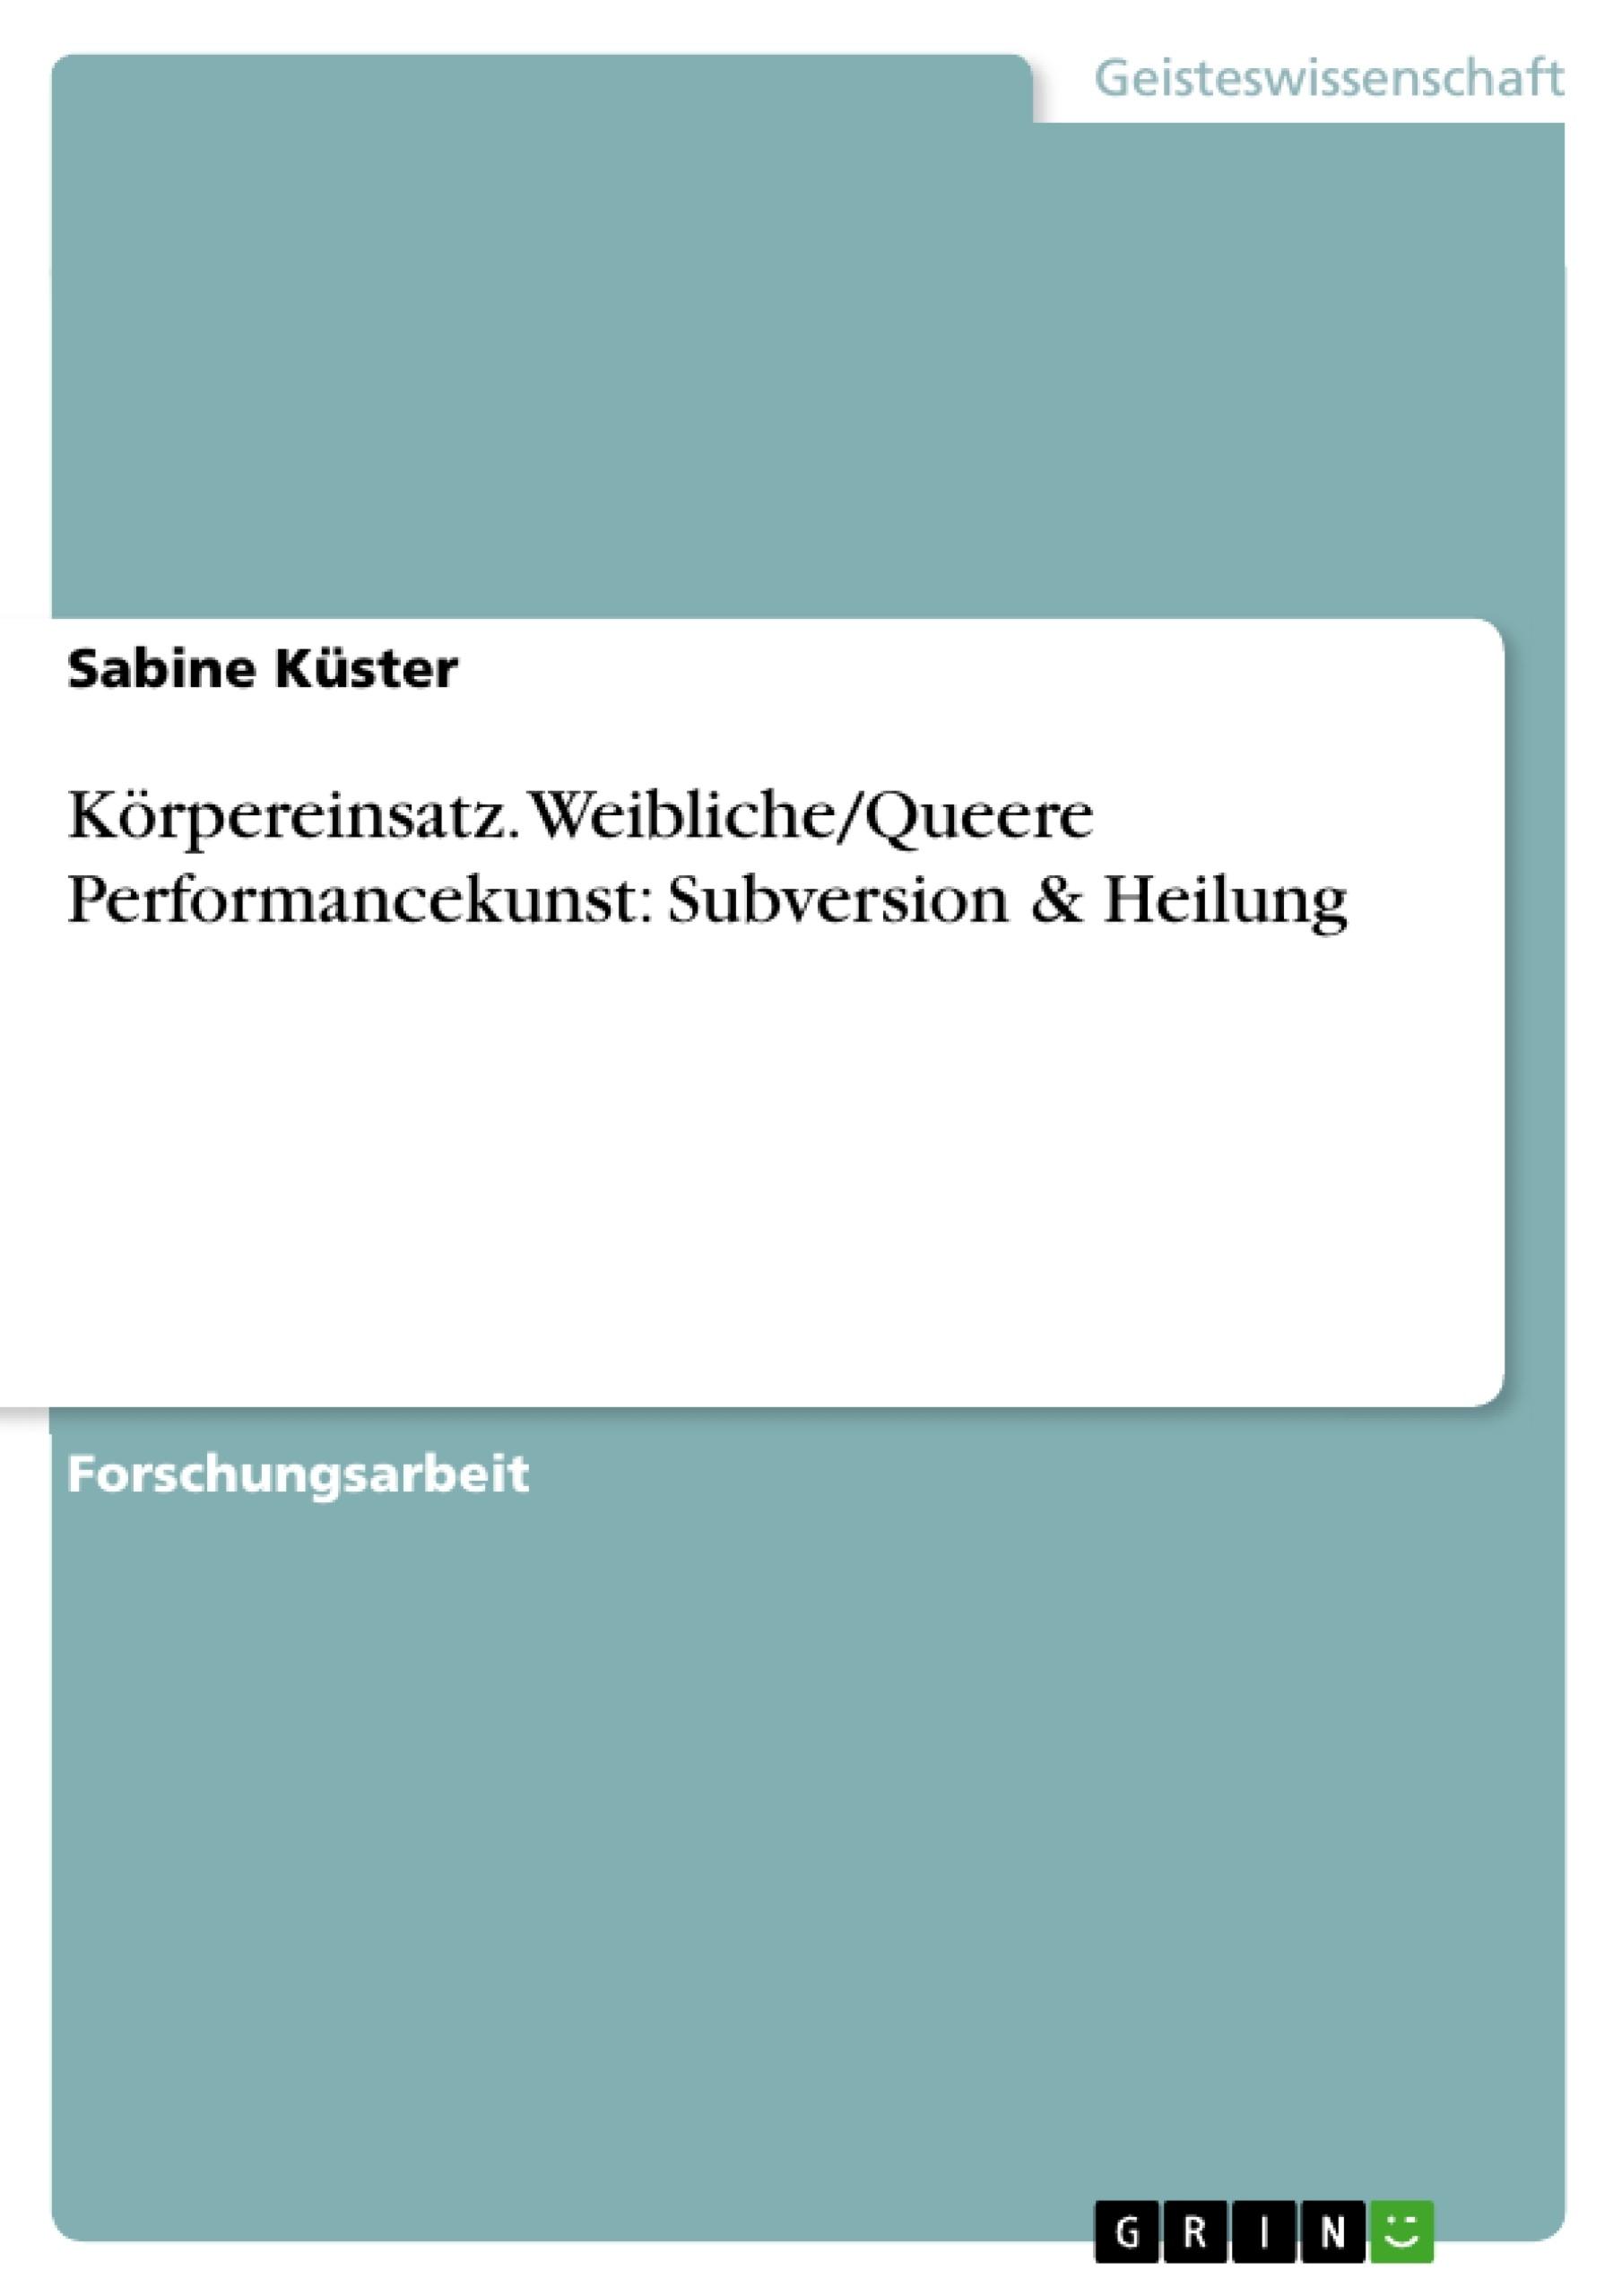 Titel: Körpereinsatz. Weibliche/Queere Performancekunst: Subversion & Heilung